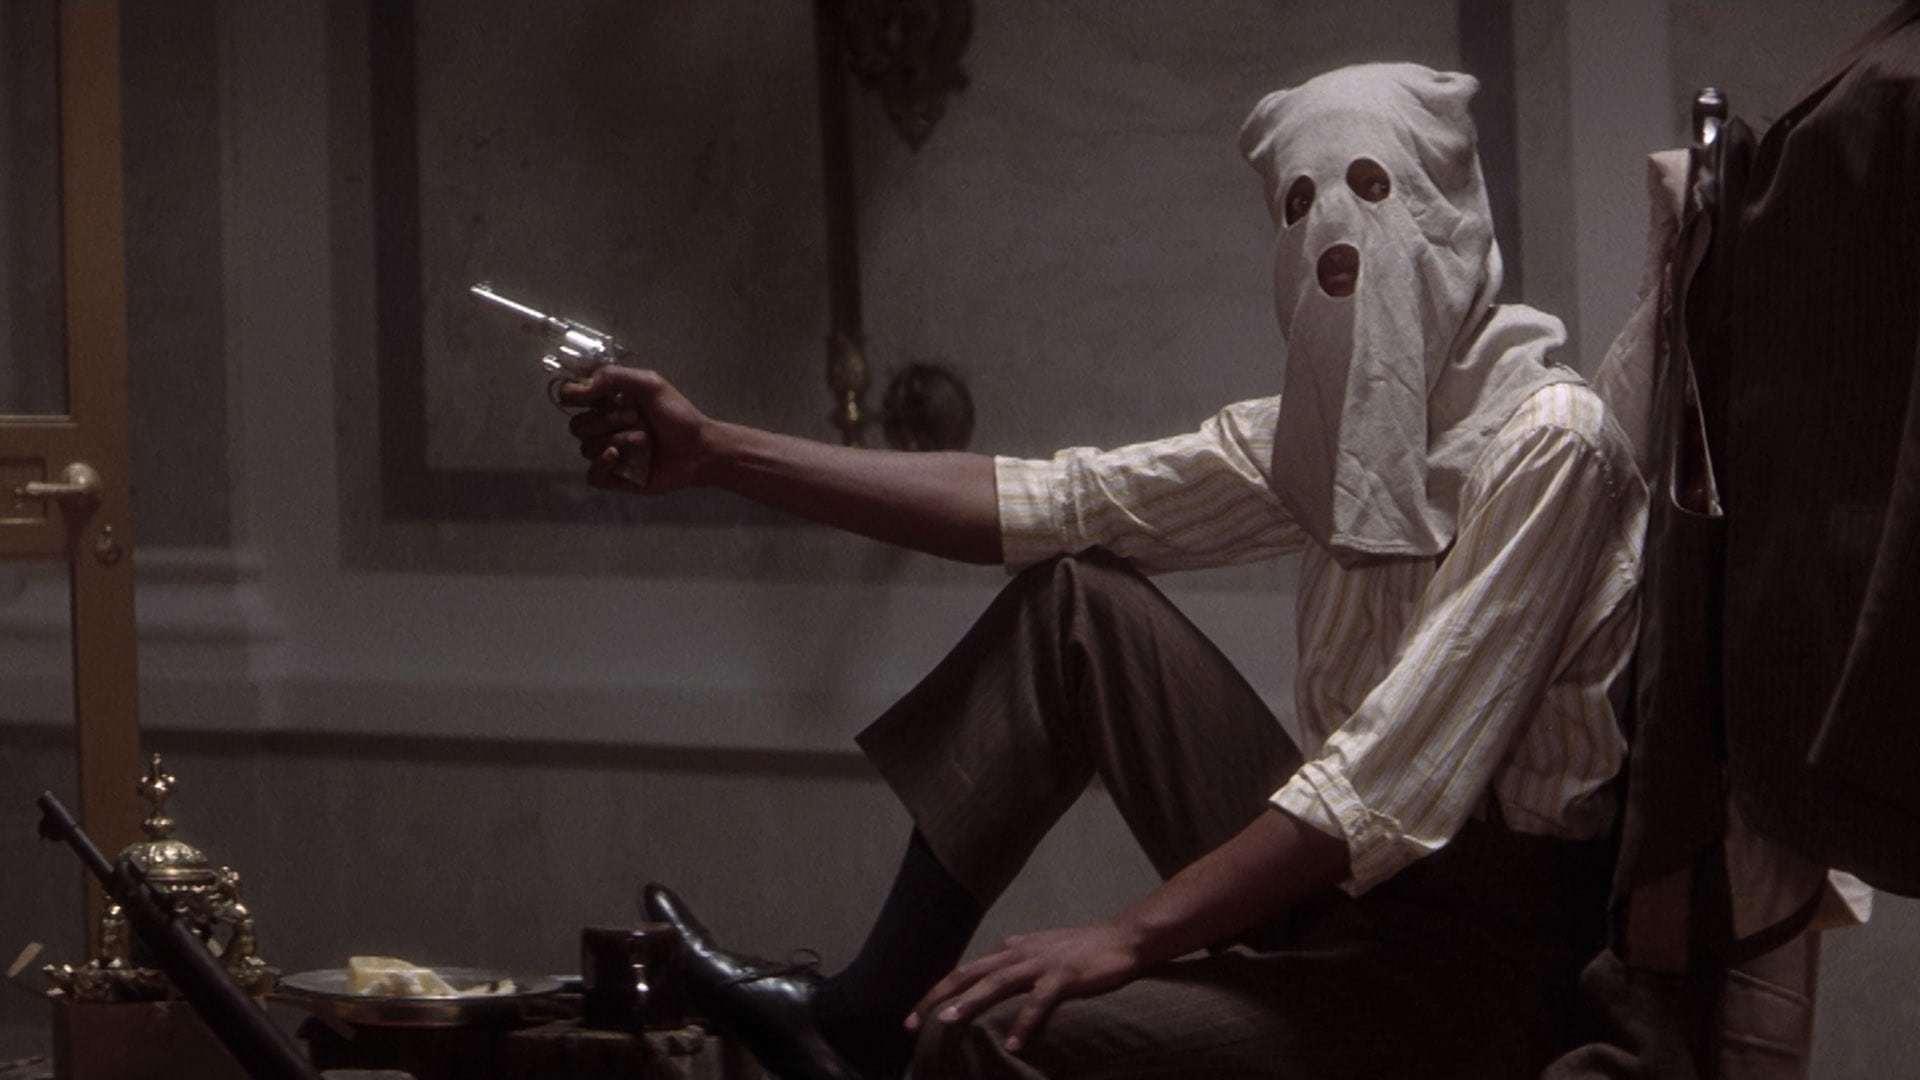 Кадры из фильма Регтайм Ragtime 1981